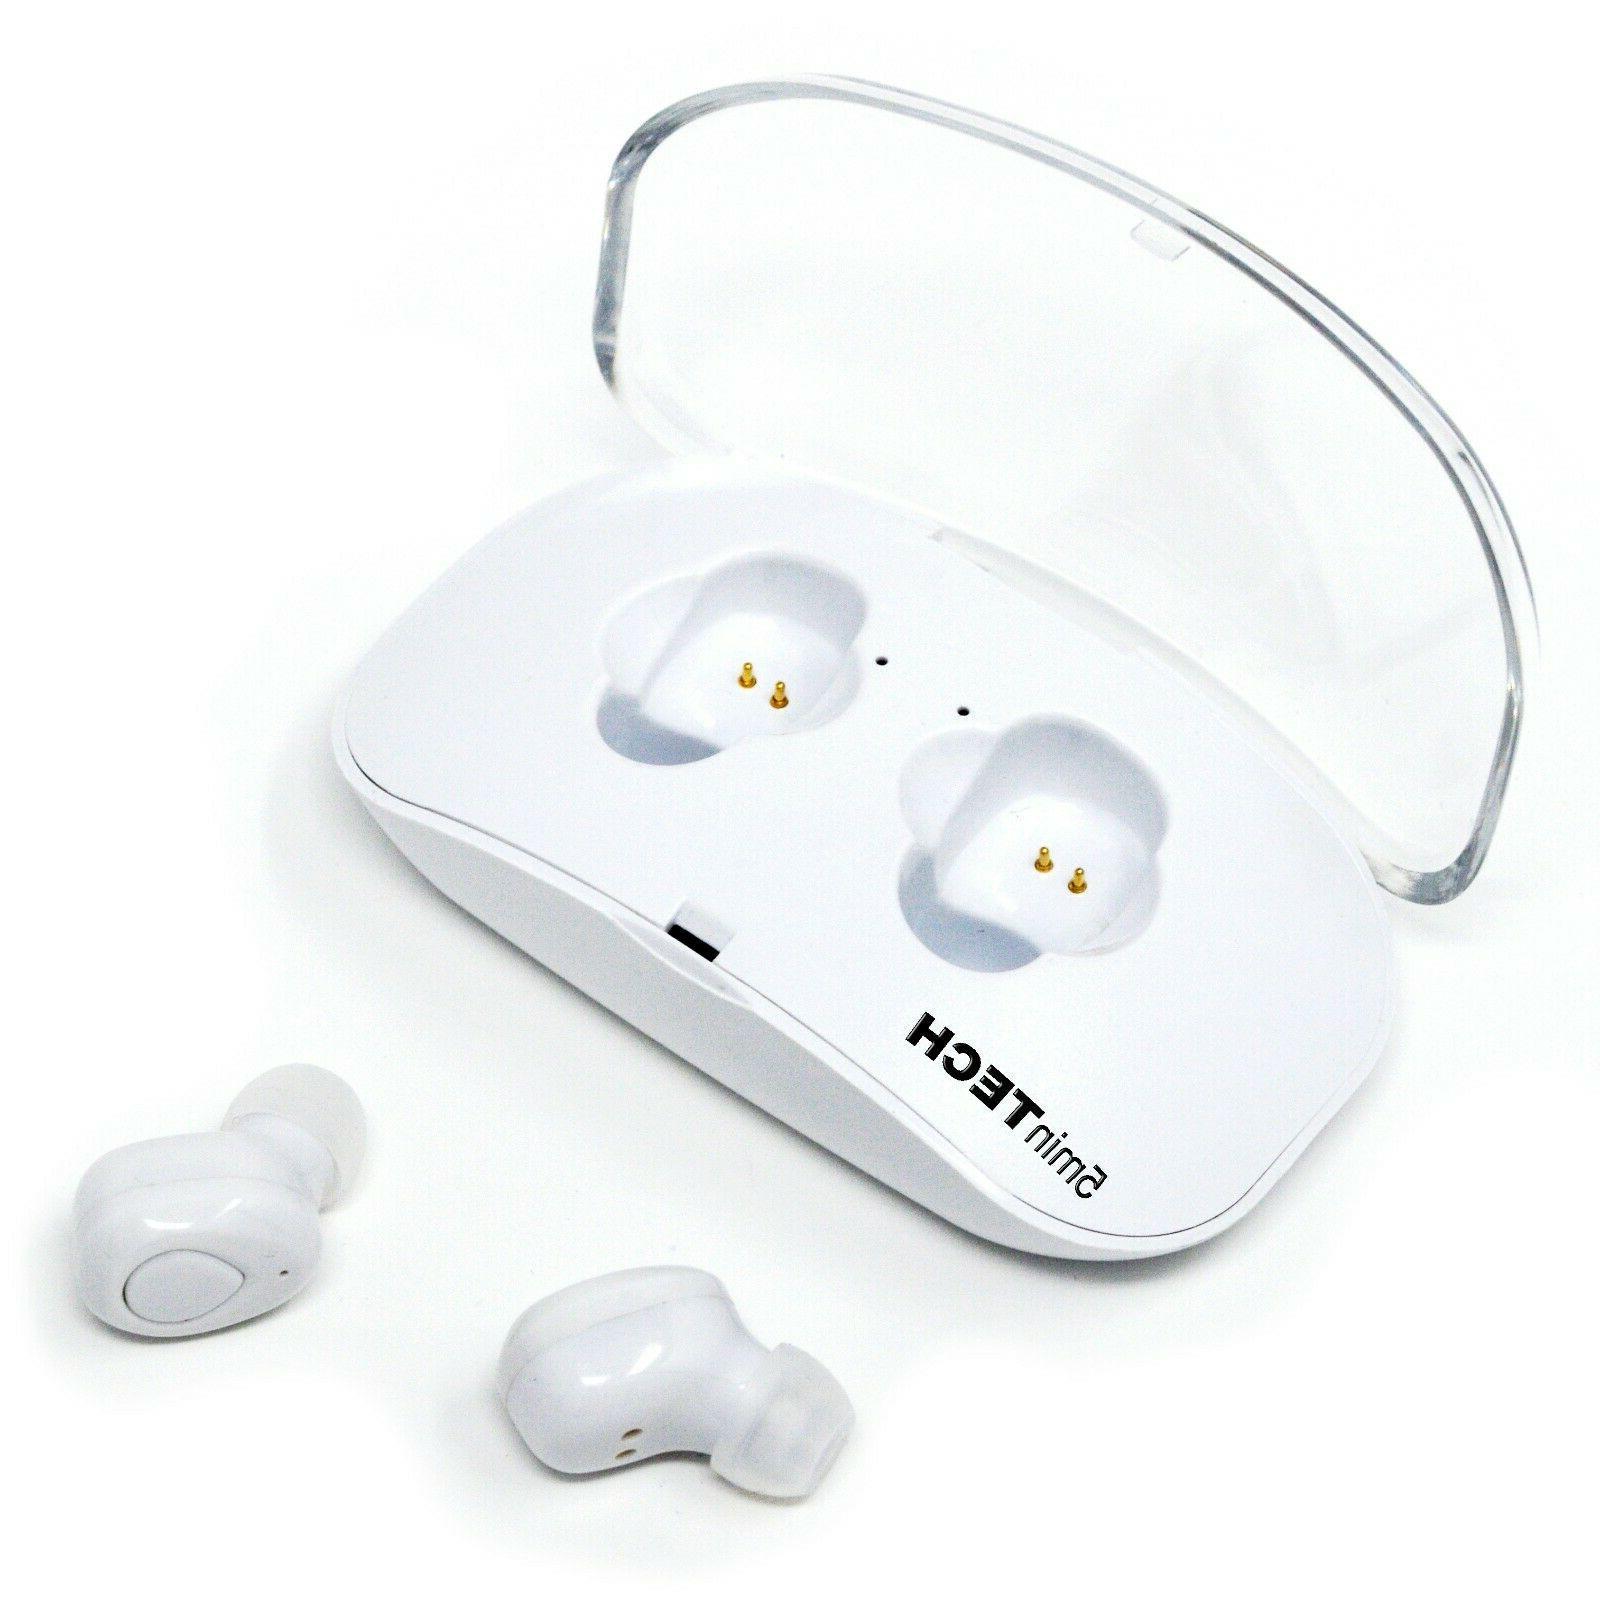 true wireless bluetooth mini earbuds headset earphone